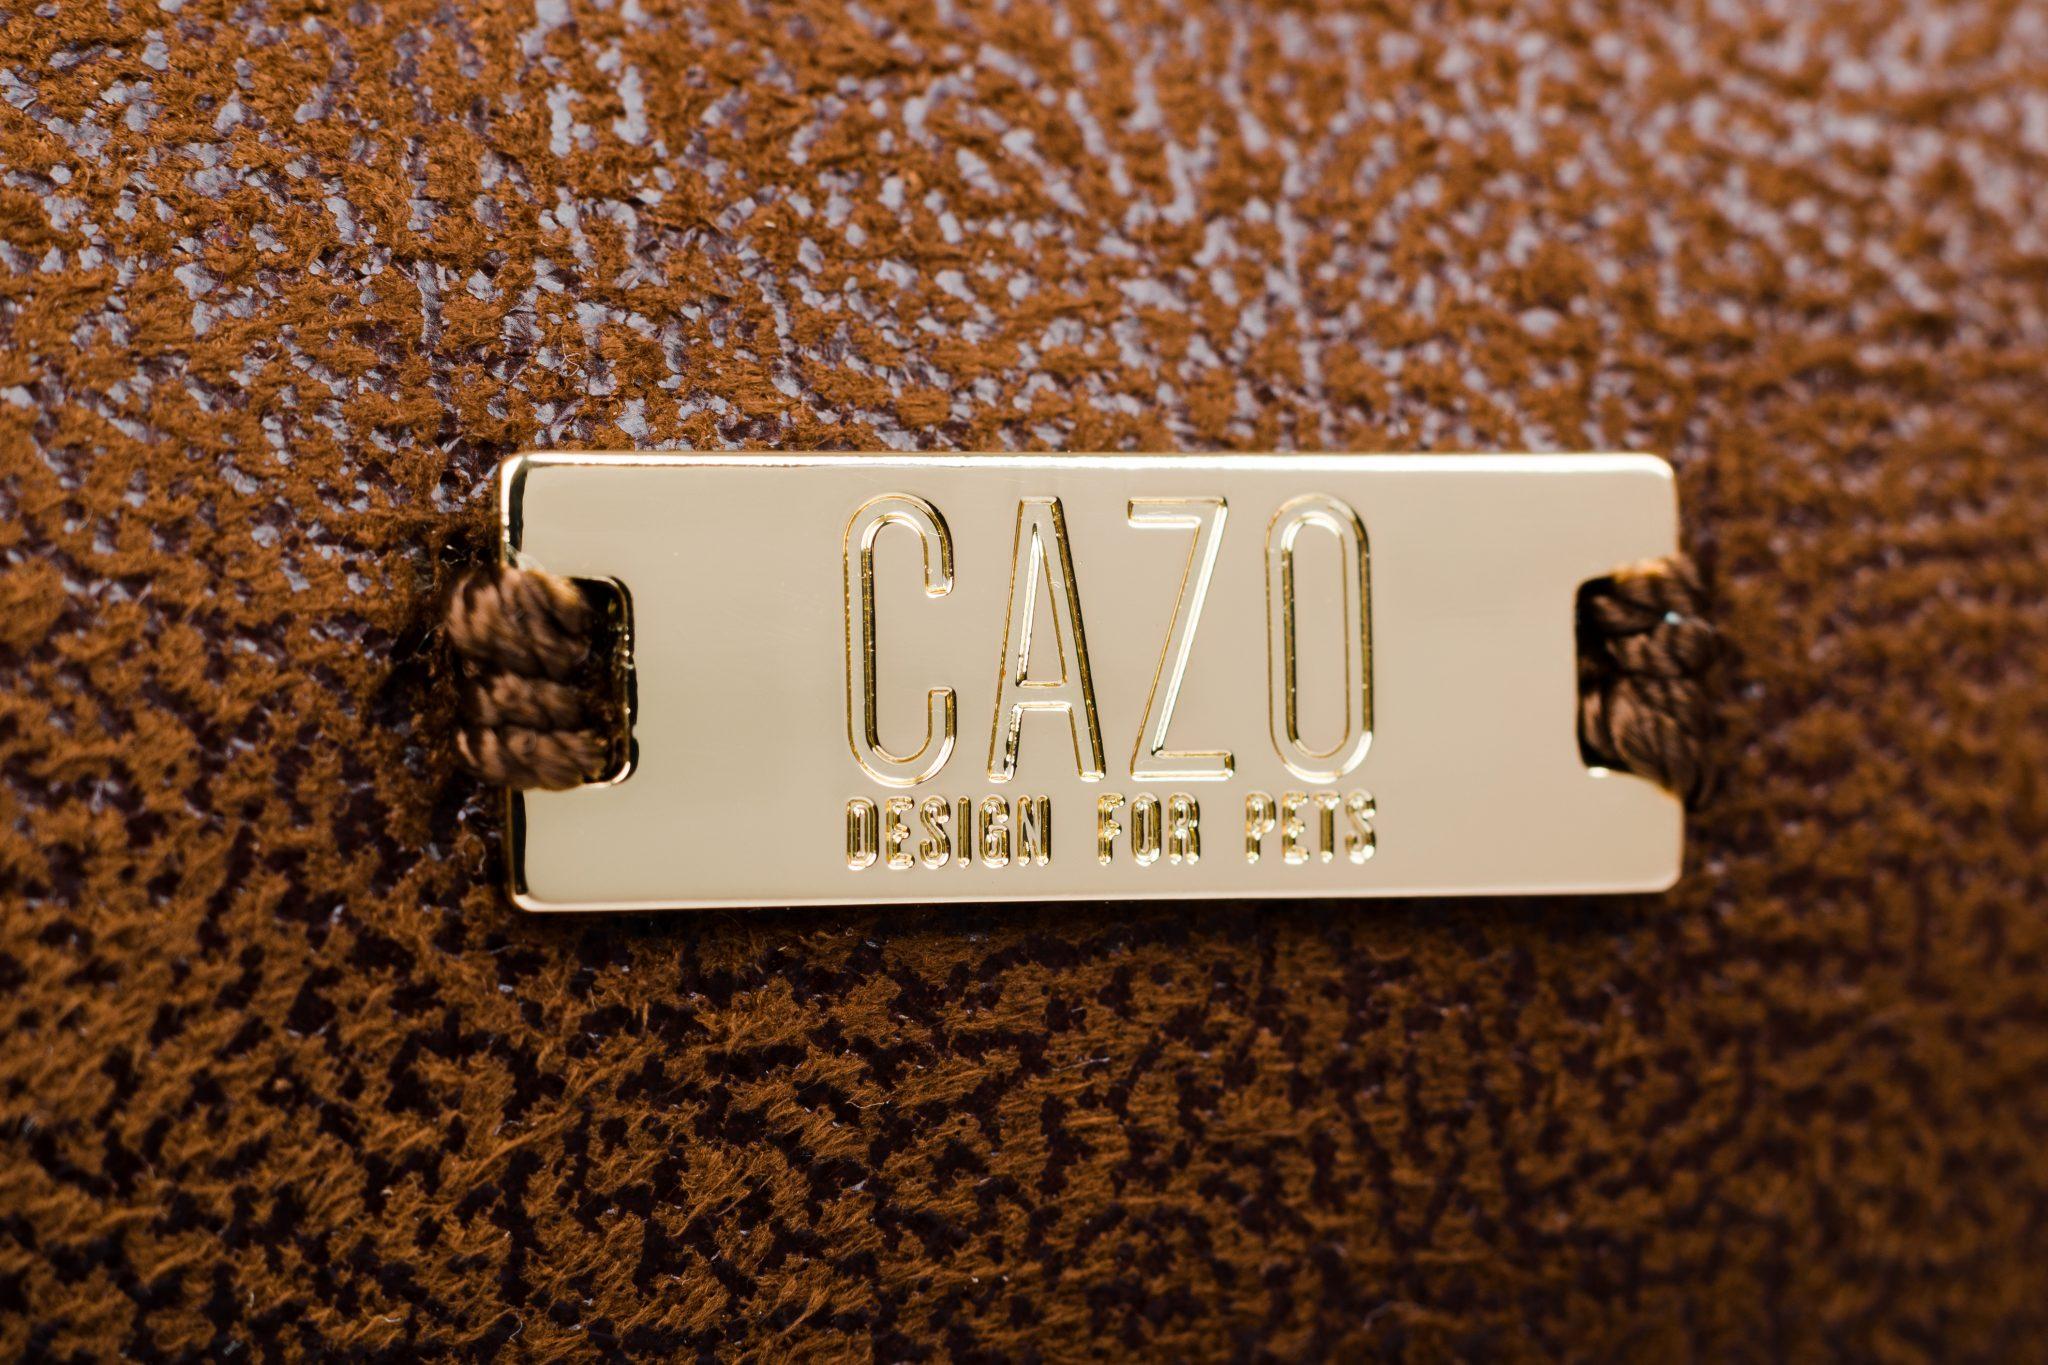 b9182efe2c Pelech Cazo Premium je pohodlný a kvalitný pelech pre psa alebo mačku.  Moderný dizajn